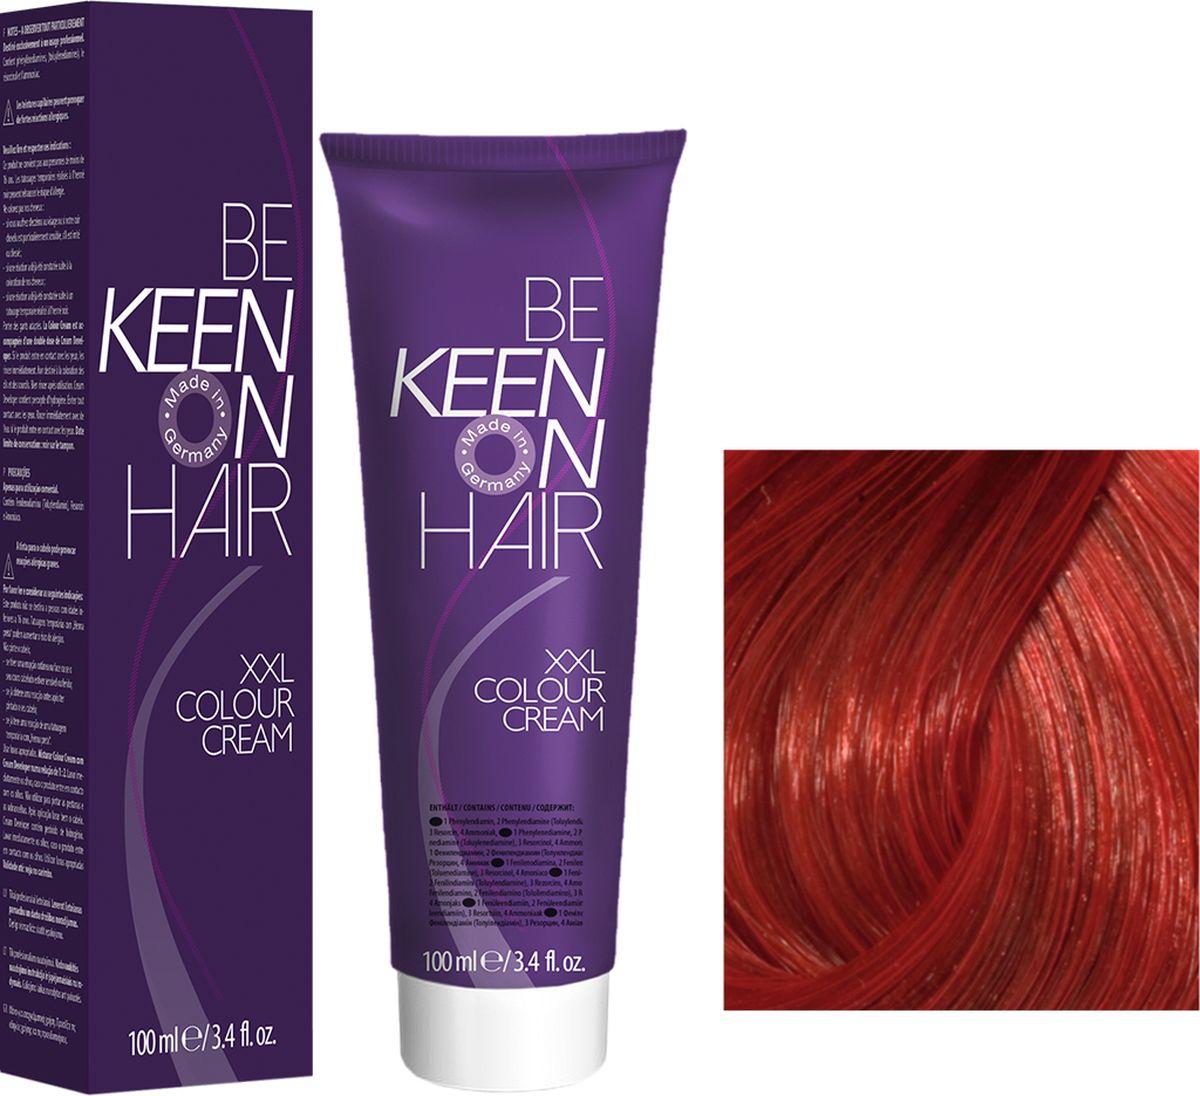 Keen Краска для волос 0.5 Красный Mixton Rot, 100 мл12000512МИКСТОНА используют для:Усиления интенсивности соответствующих цветовых нюансовКорректировки цветаИзменения направления цвета